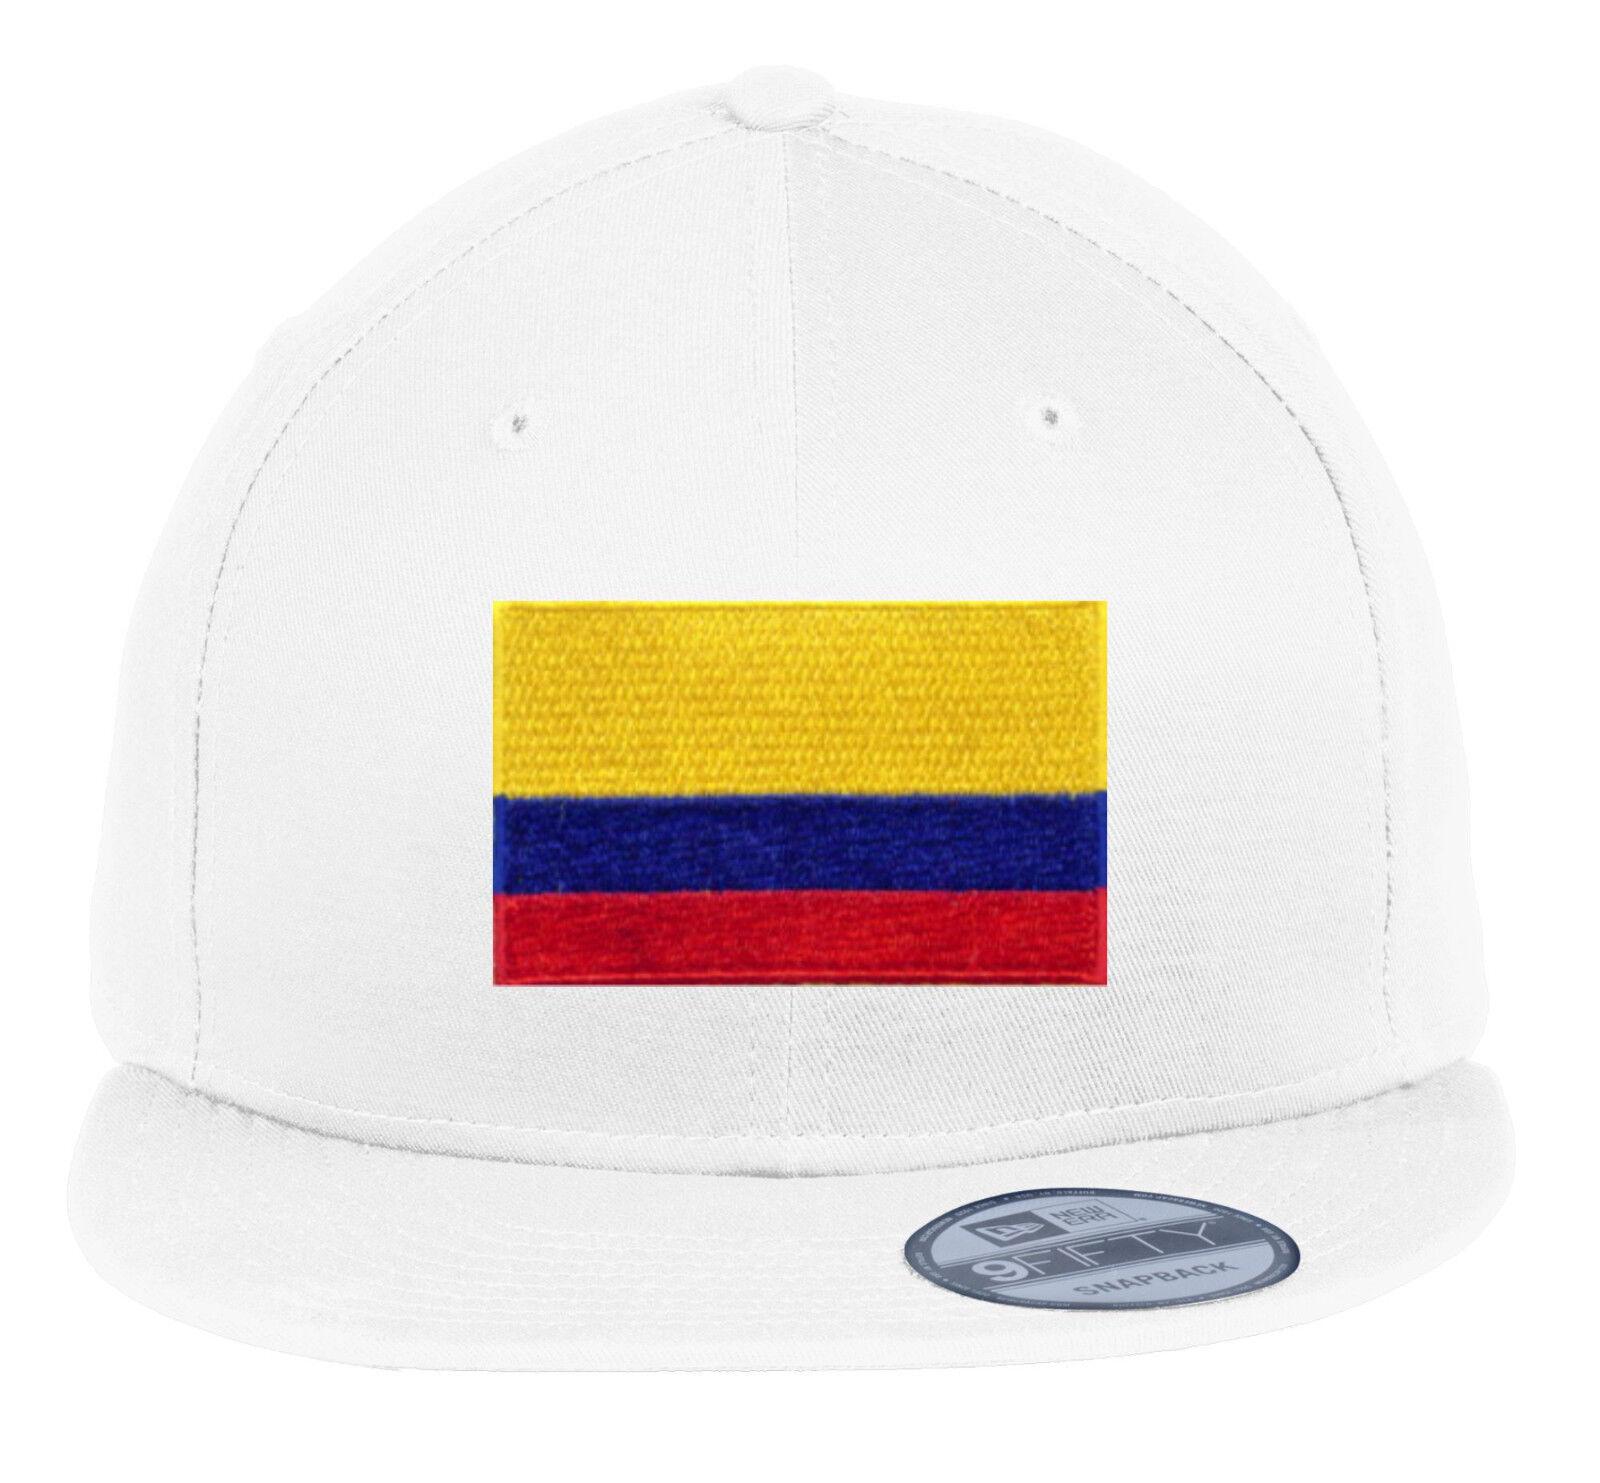 official photos c6236 634ca ... czech new era ne400 snapback flat bill hat cap colors colombia flag  patch 7 colors hat